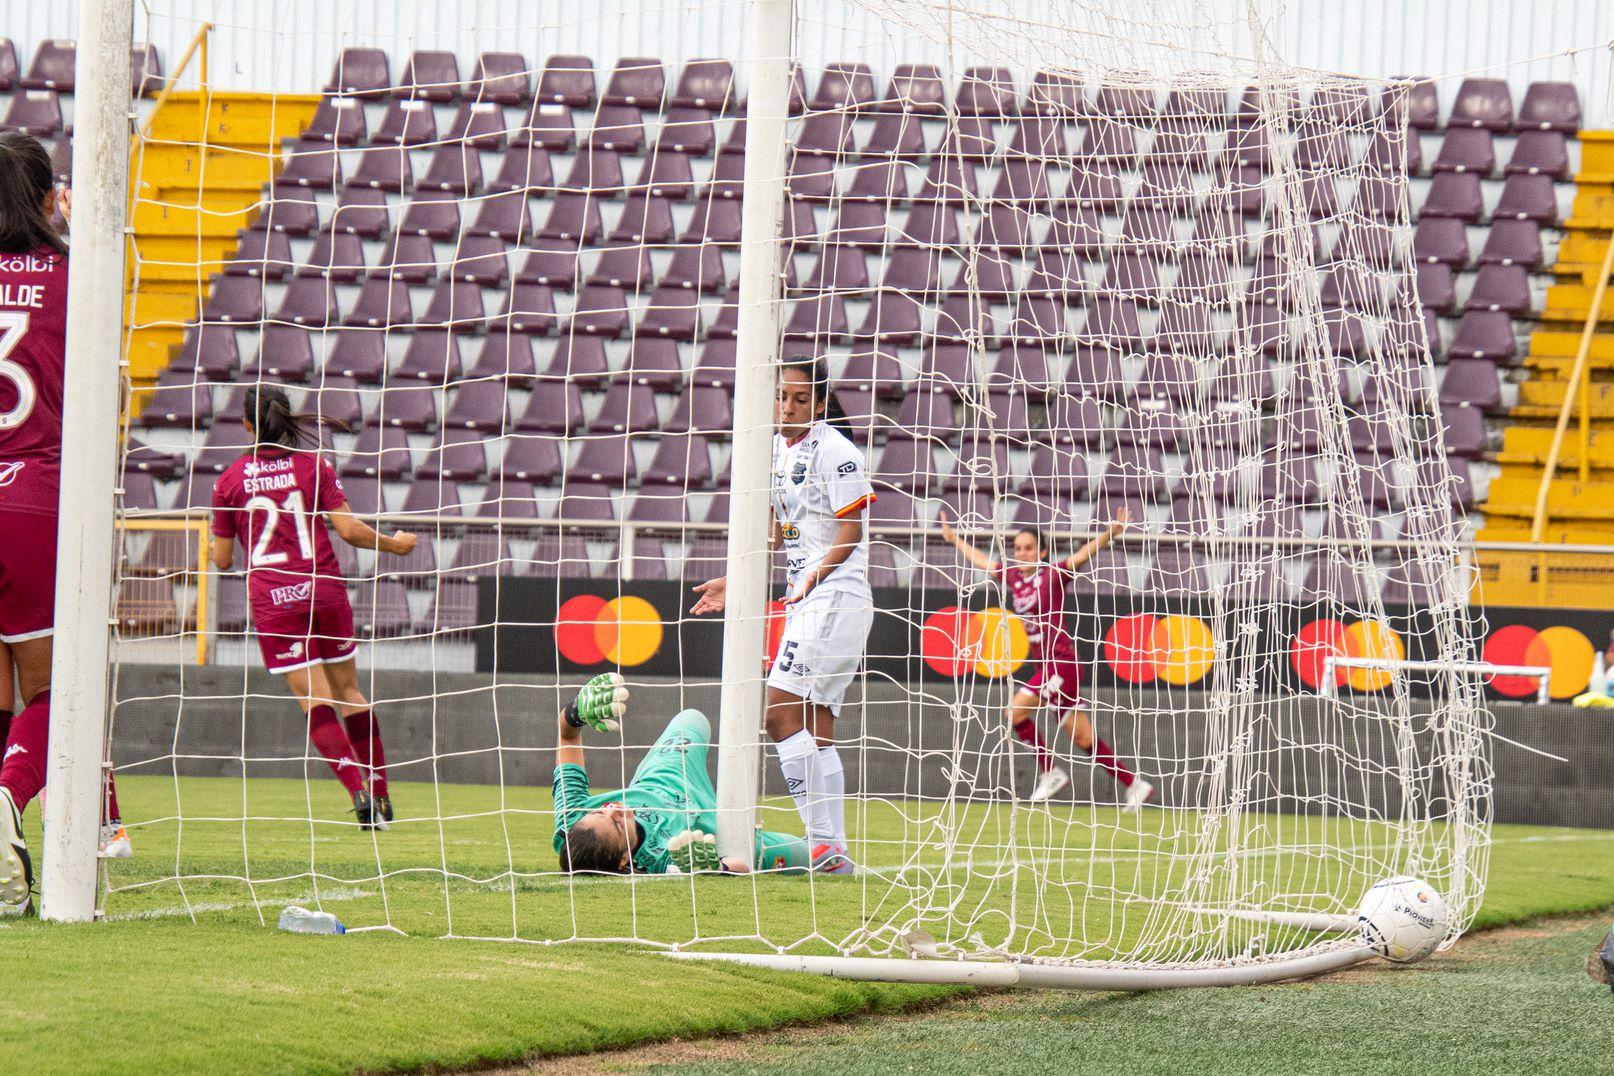 Saprissa derrota al campeón y retoma el liderato en el fútbol femenino.